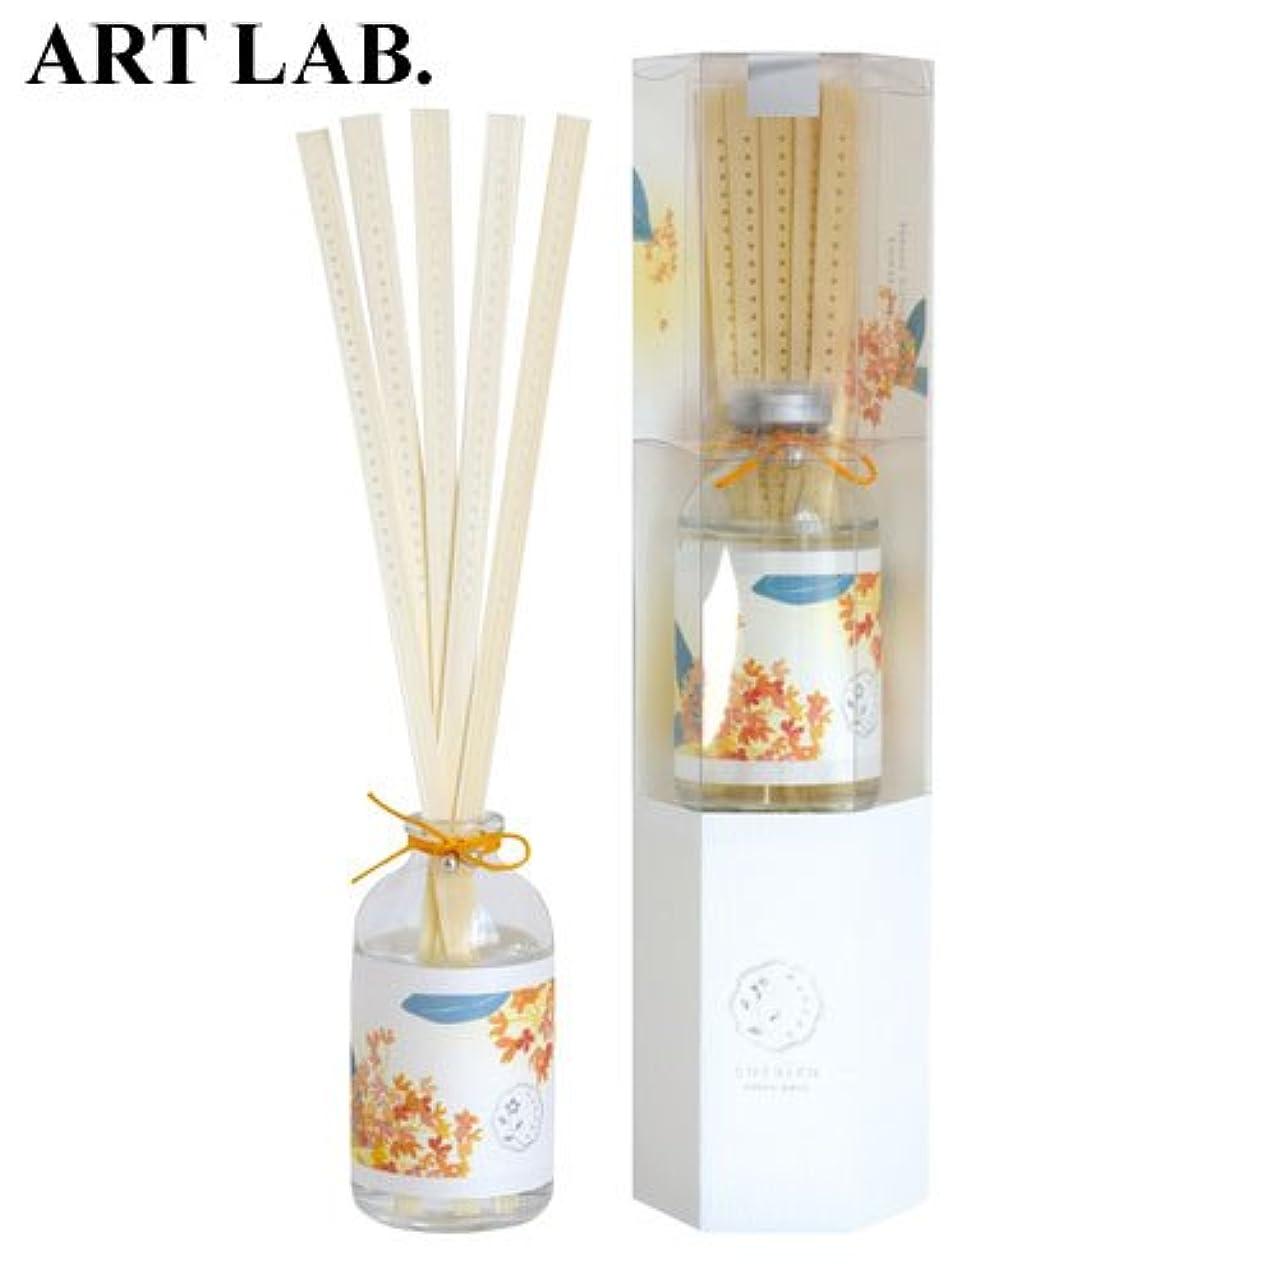 請負業者セールスマン医薬品wanokaバンブーディフューザー金木犀《果実のような甘い香り》ART LABAroma Diffuser